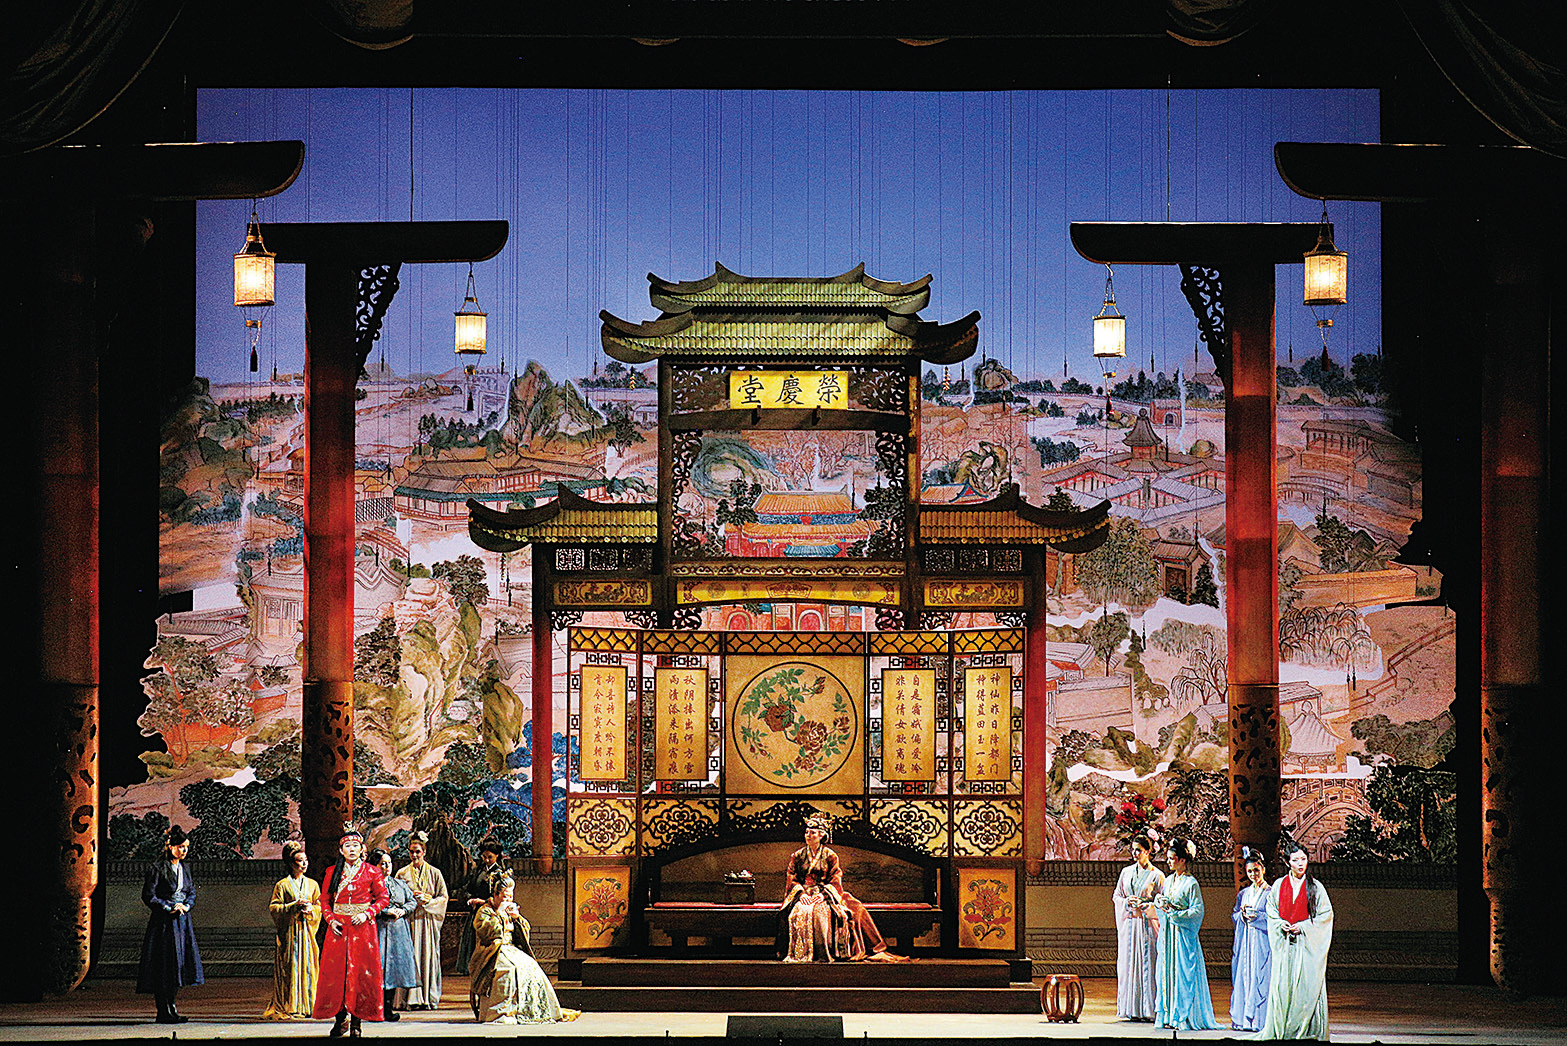 去年9月這部英文版歌劇在三藩市首演造成轟動,目前香港兩場演出門票已售罄。(San Francisco Opera)